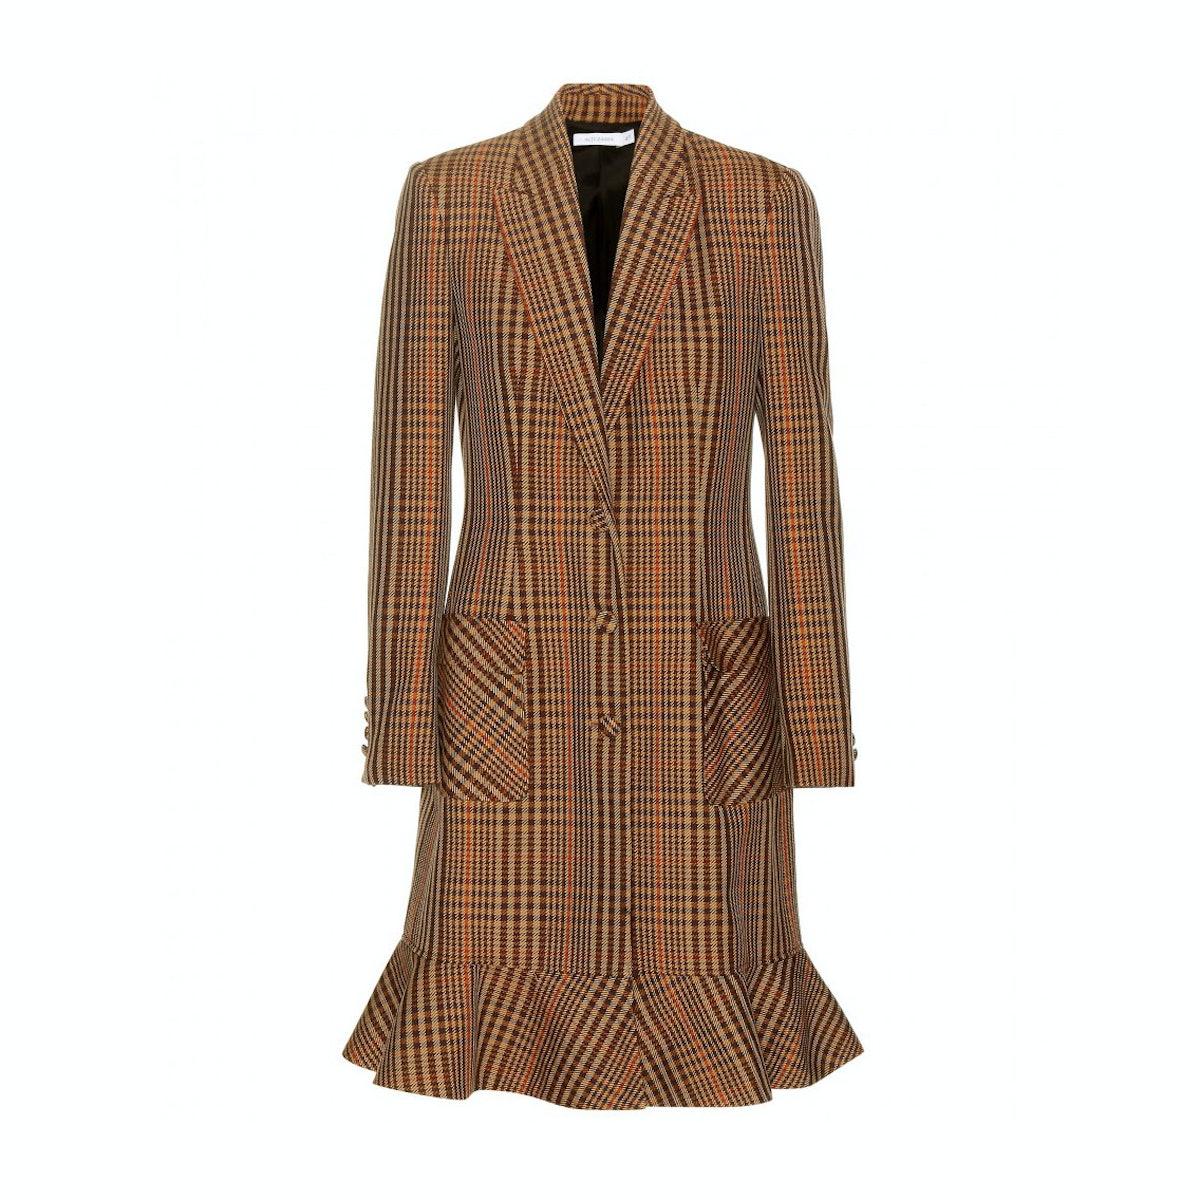 Altuzarra coat